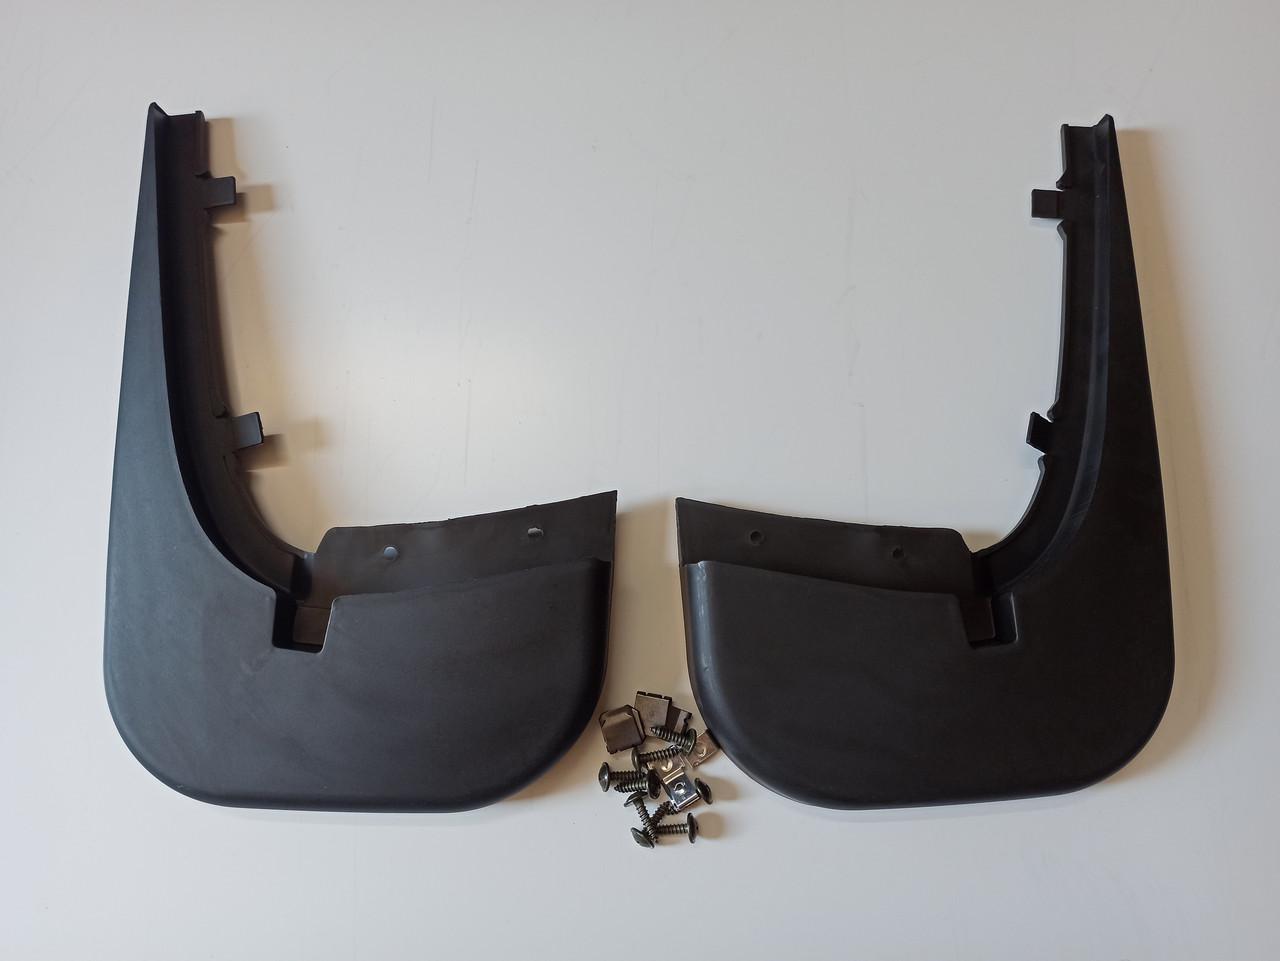 Передні бризковики Vito 639 (2003-2010)